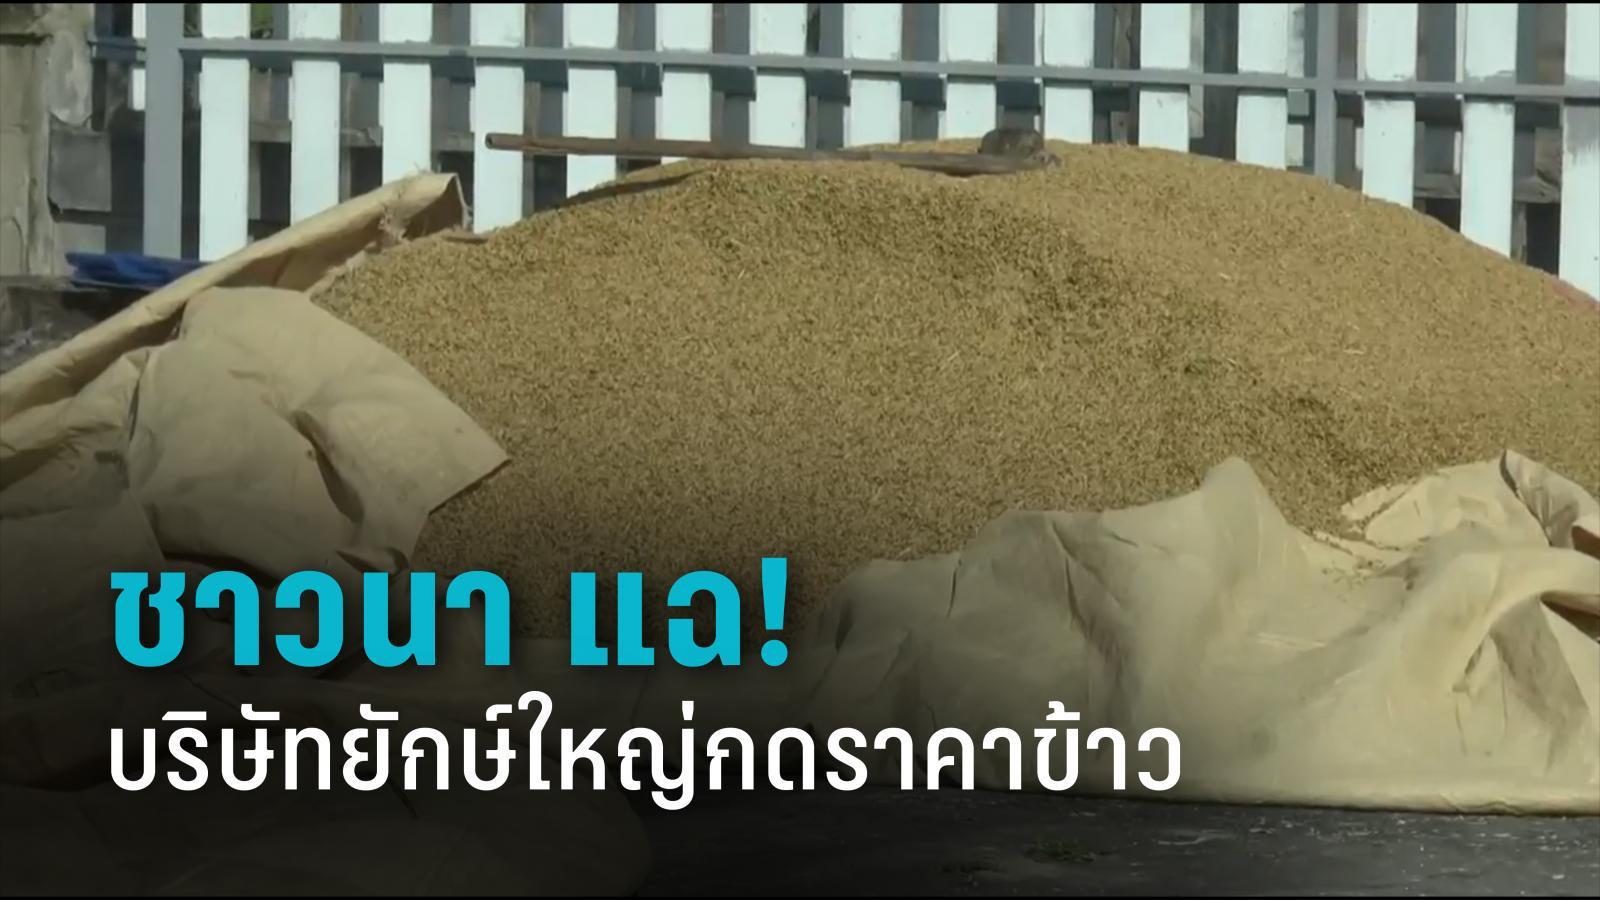 ชาวนา แฉ! บริษัทยักษ์ใหญ่กดราคาข้าว จนเกษตรกรขาดทุนยับ